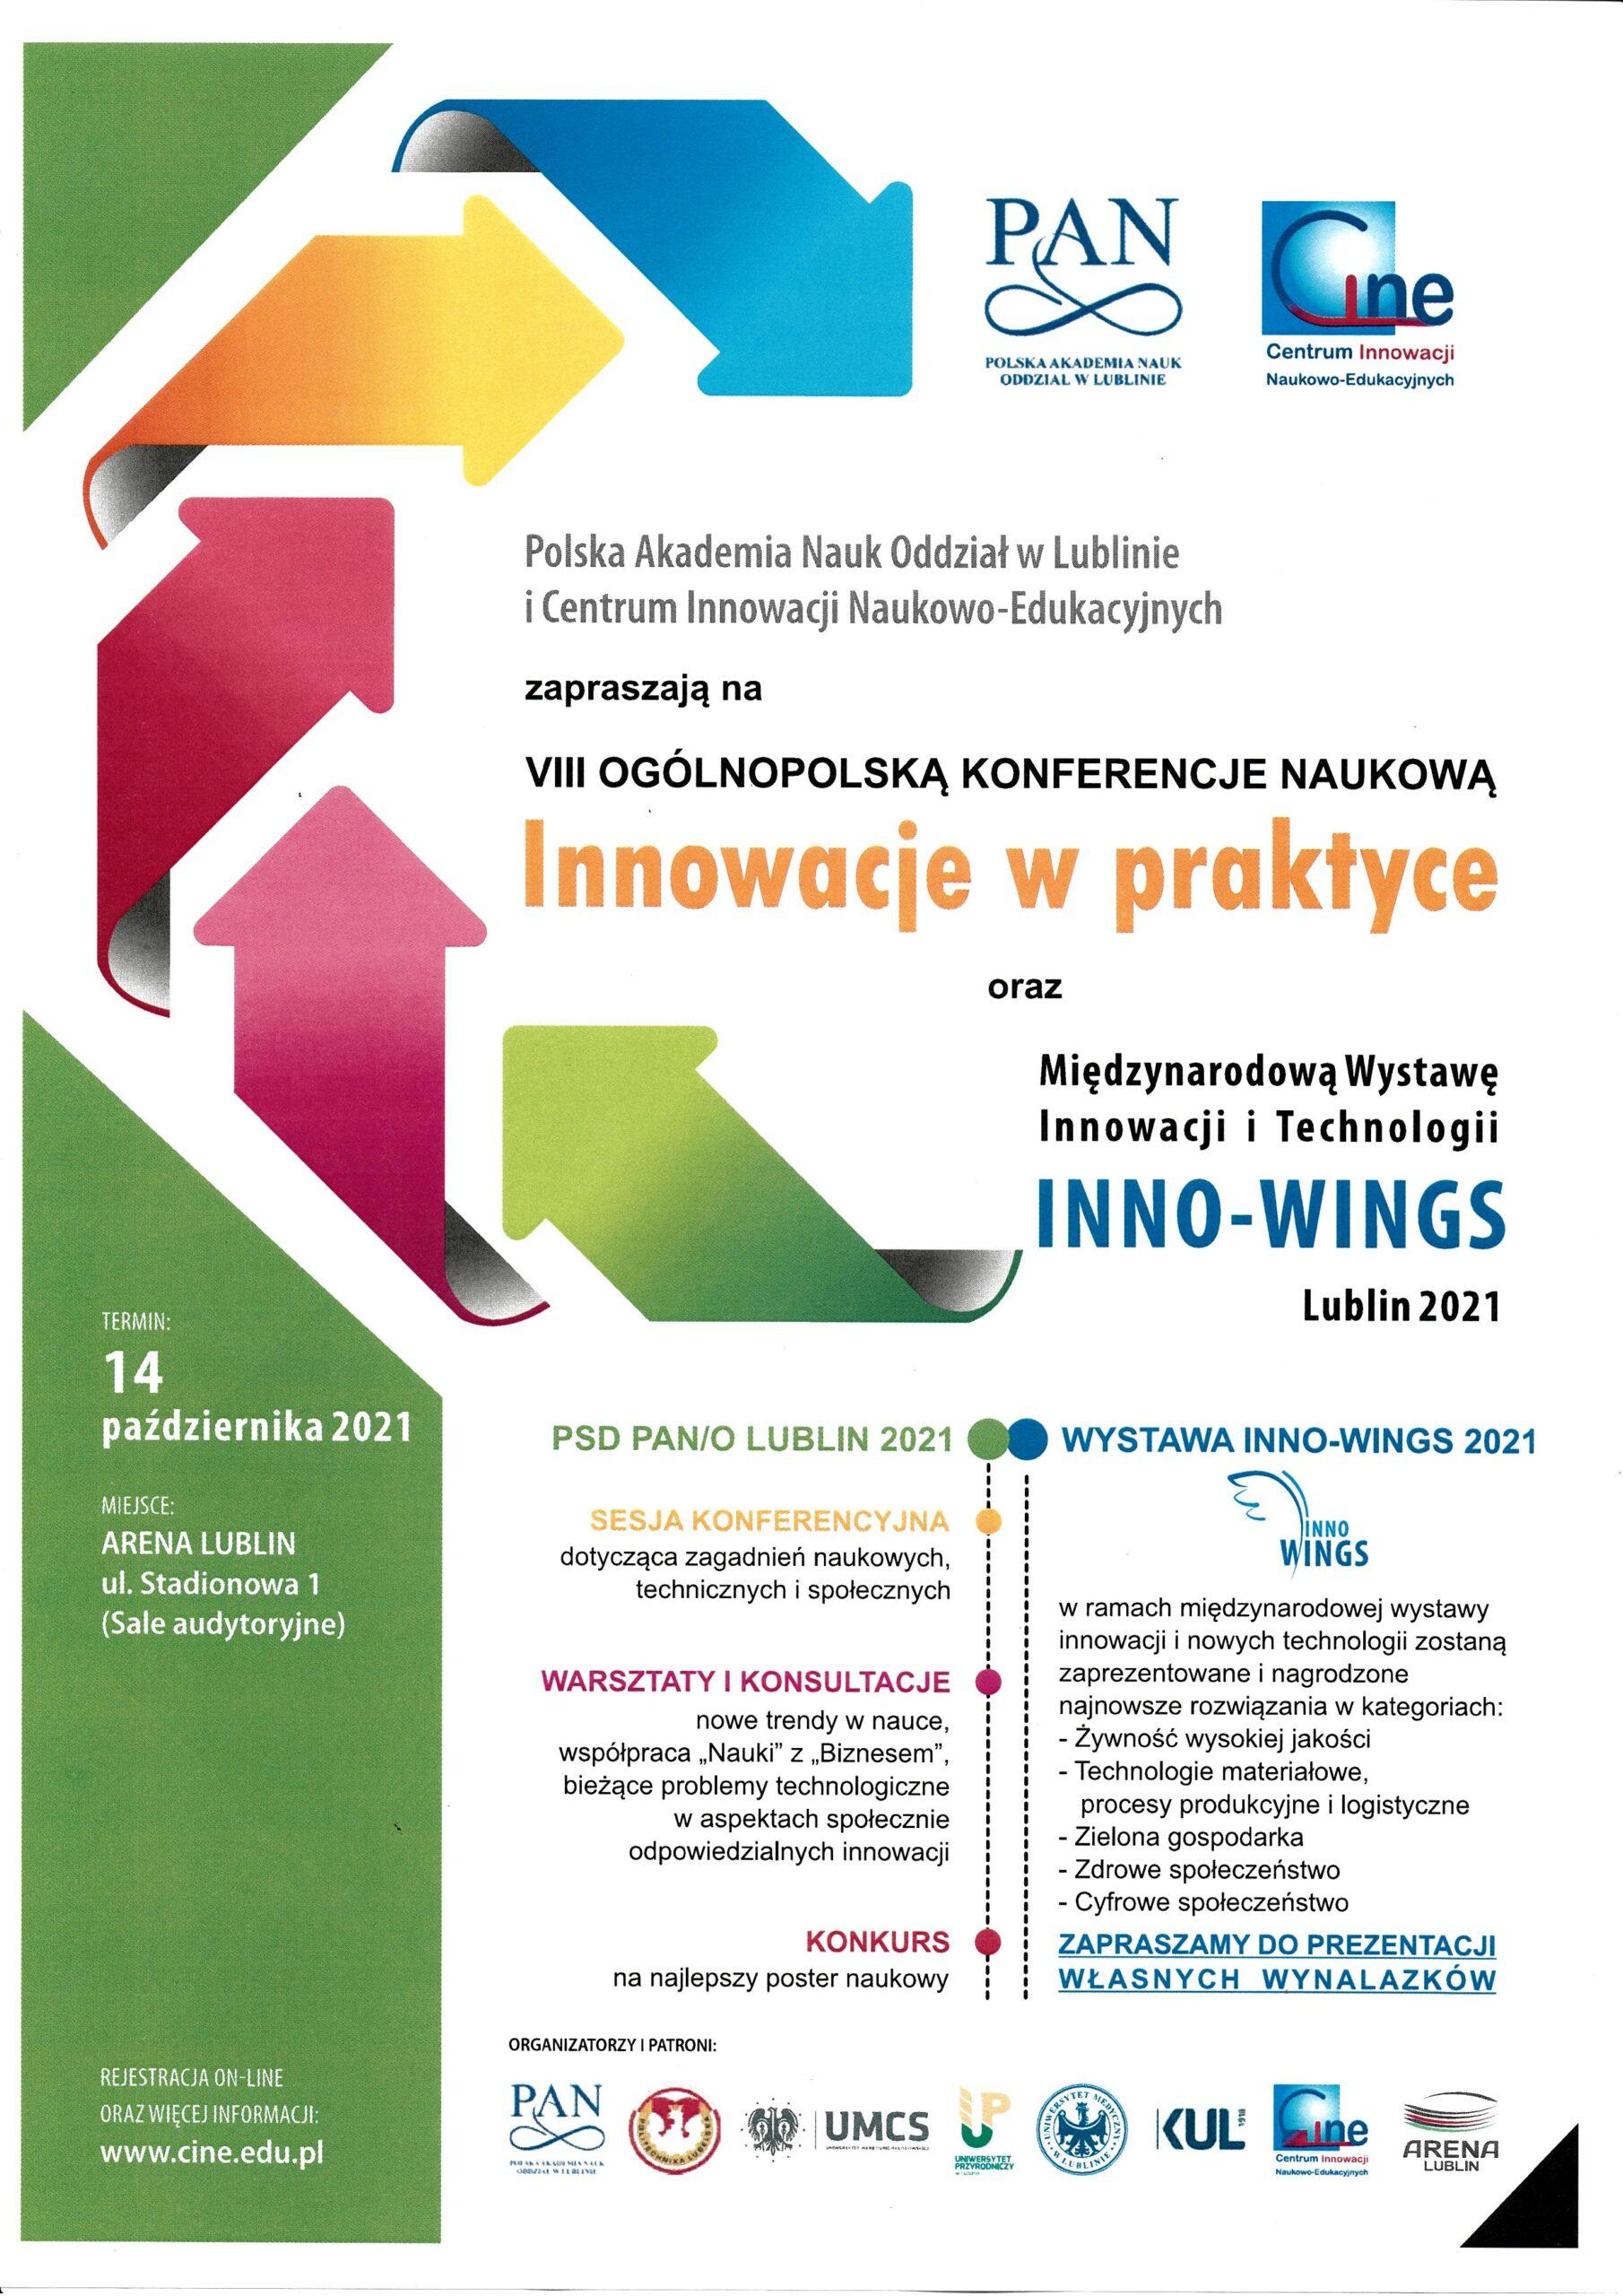 14 października 2021 VIII Ogólnopolska Konferencja Naukowa pt. INNOWACJE W PRAKTYCE oraz Międzynarodowa Wystawa Innowacji i Technologii INNO-WINGS